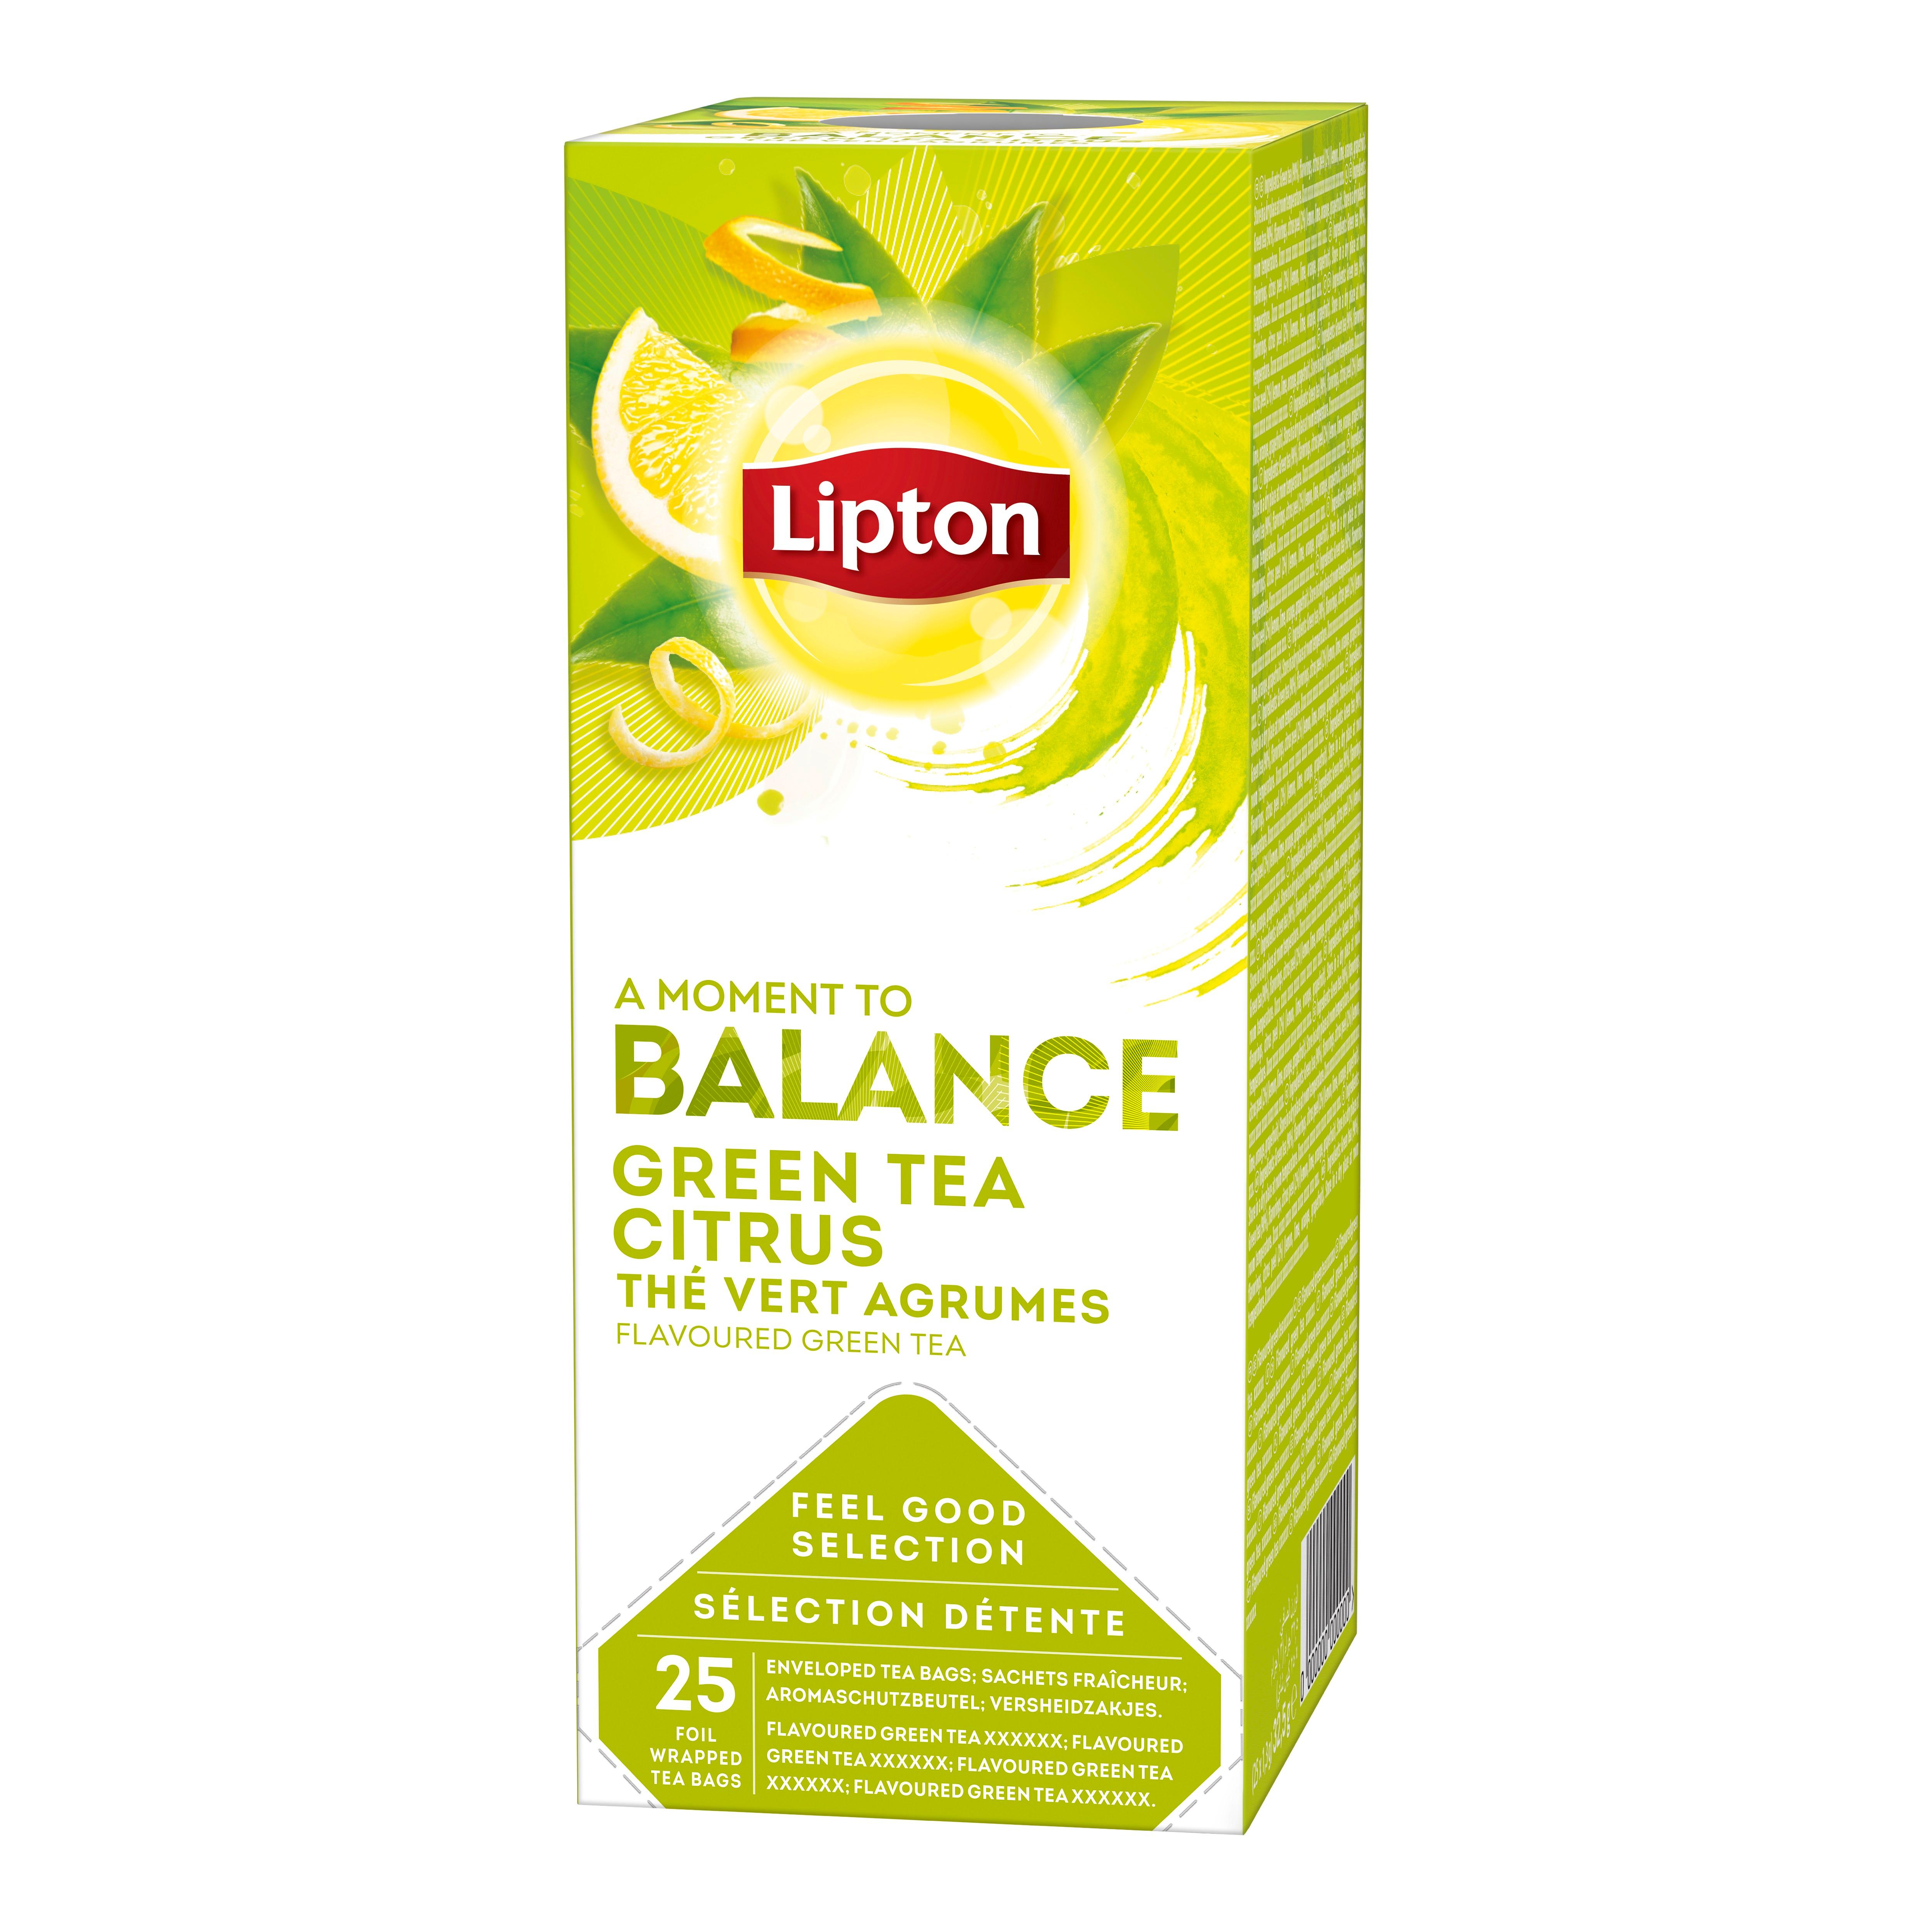 Lipton zeleni čaj s citrusi 25/1 - Na voljo so različni Lipton čaji: zeliščni, črni, zeleni in sadni.